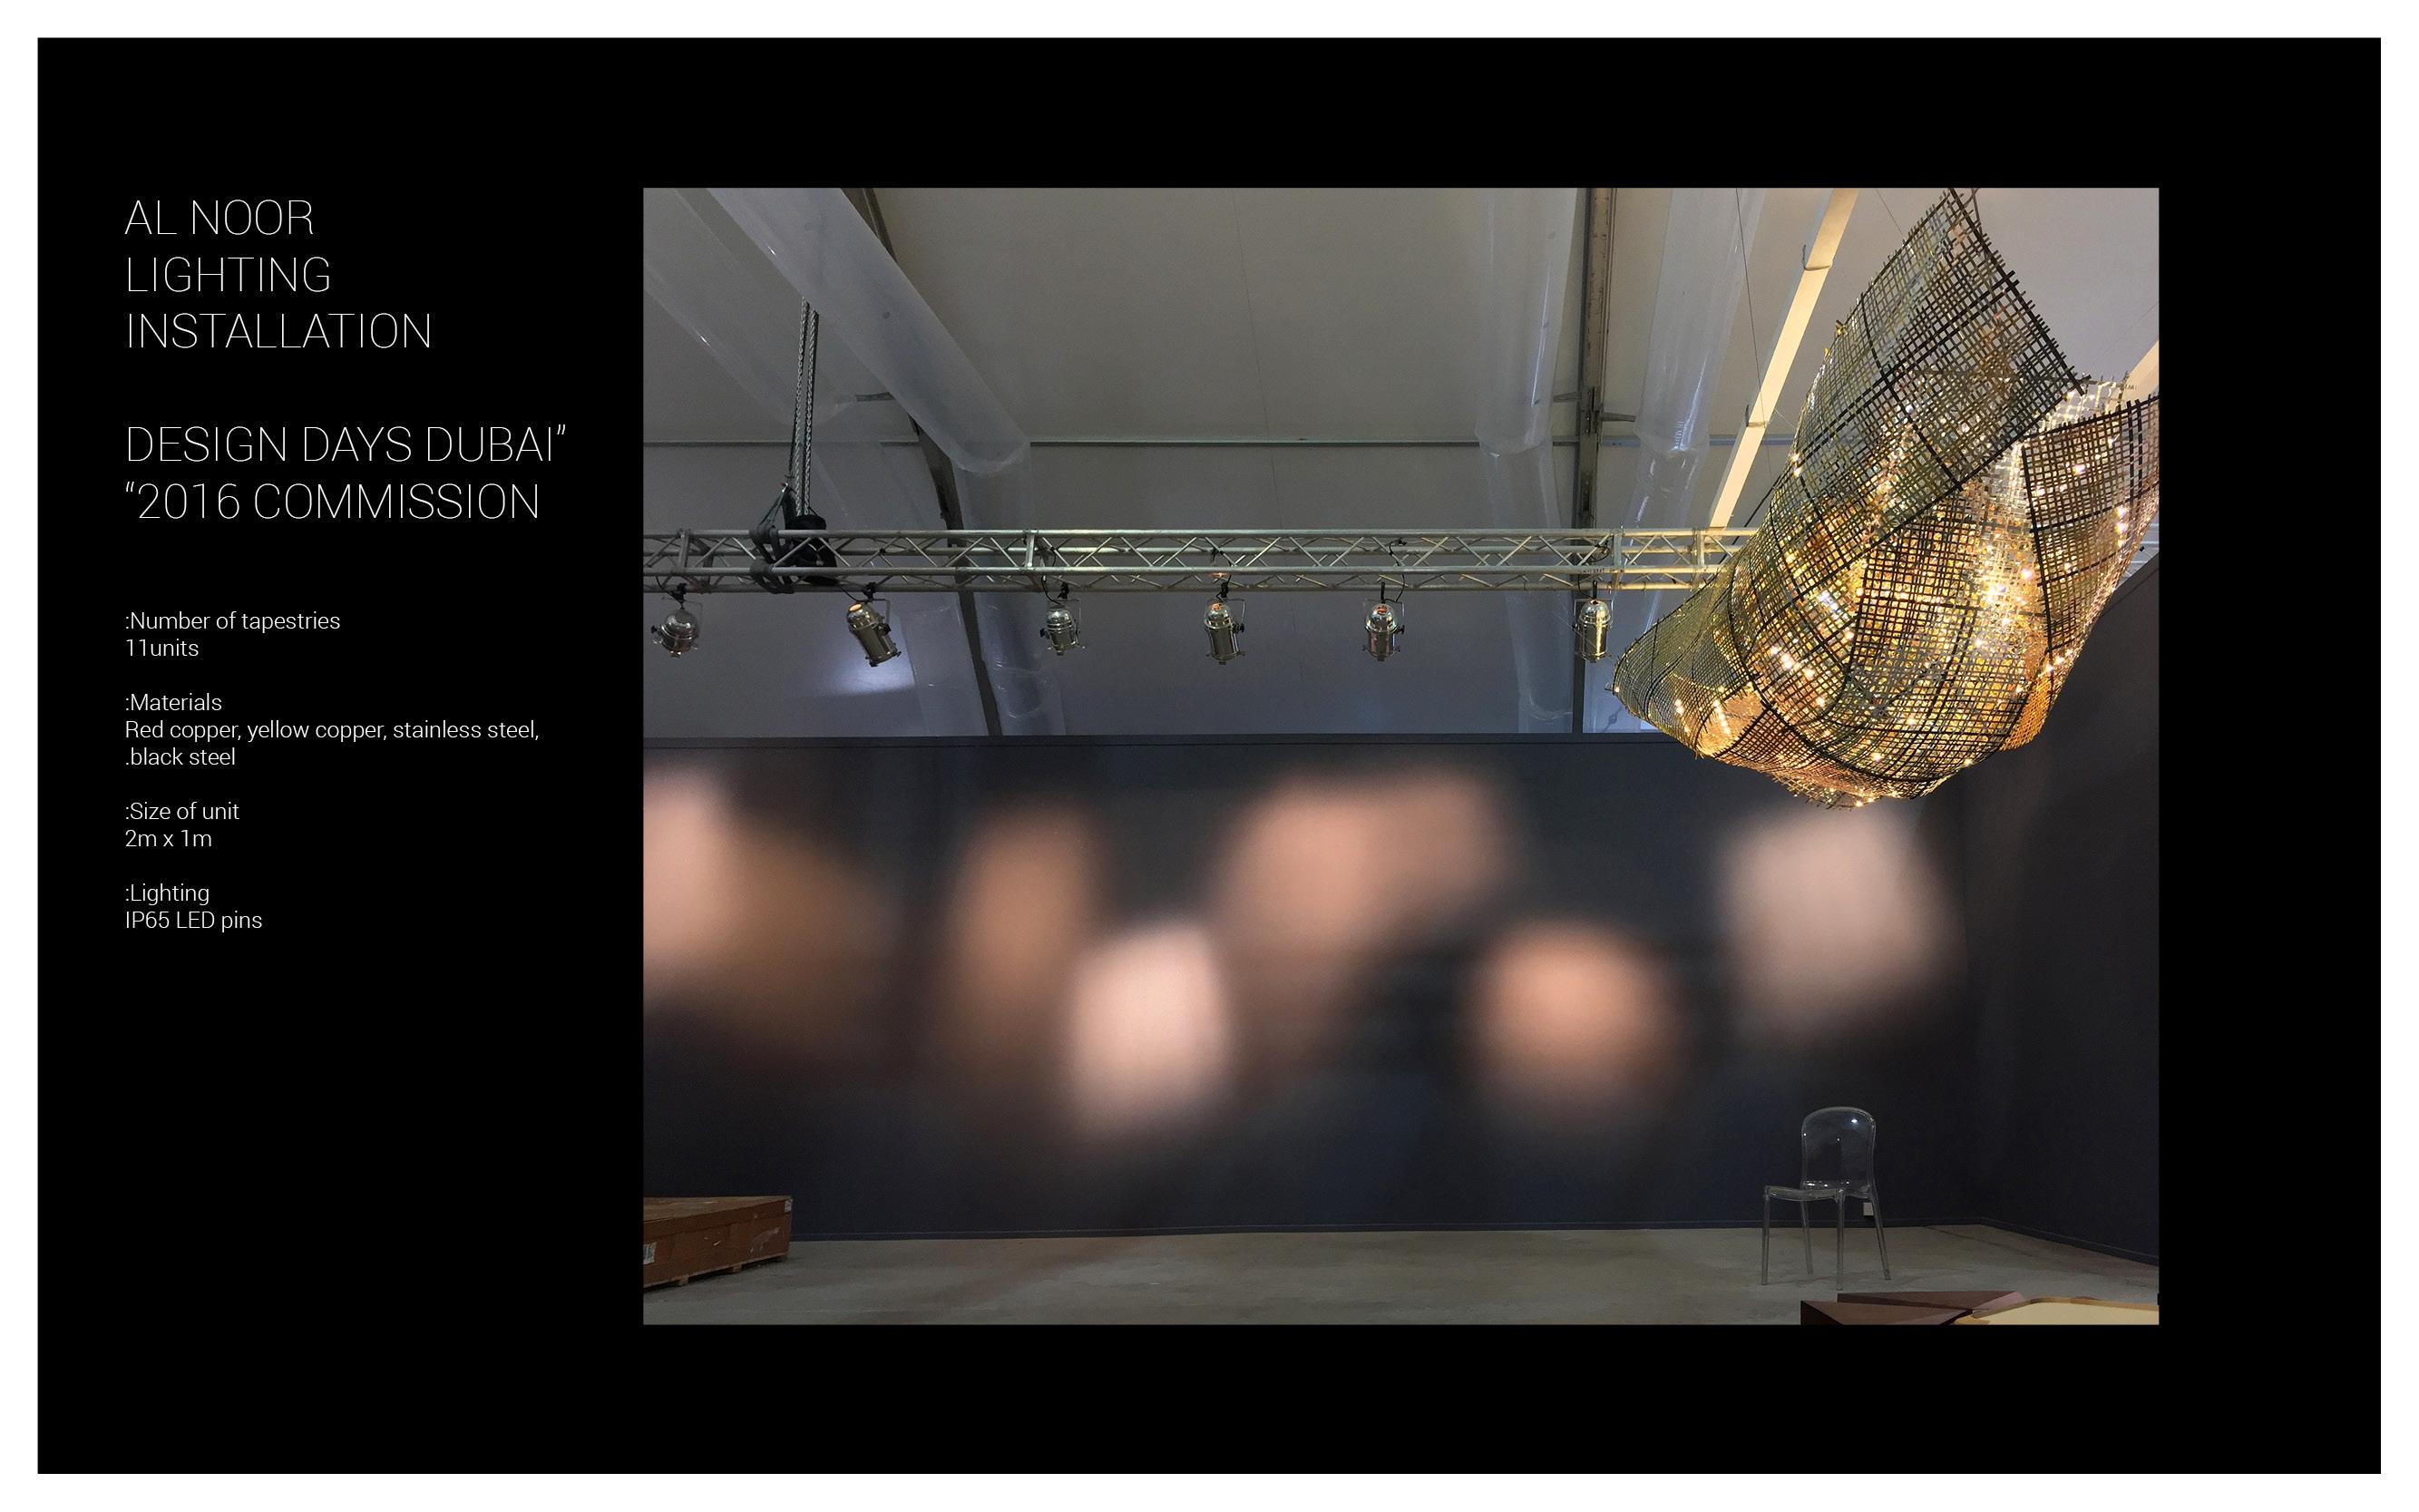 Al noor - Lighting Installation - GSS14